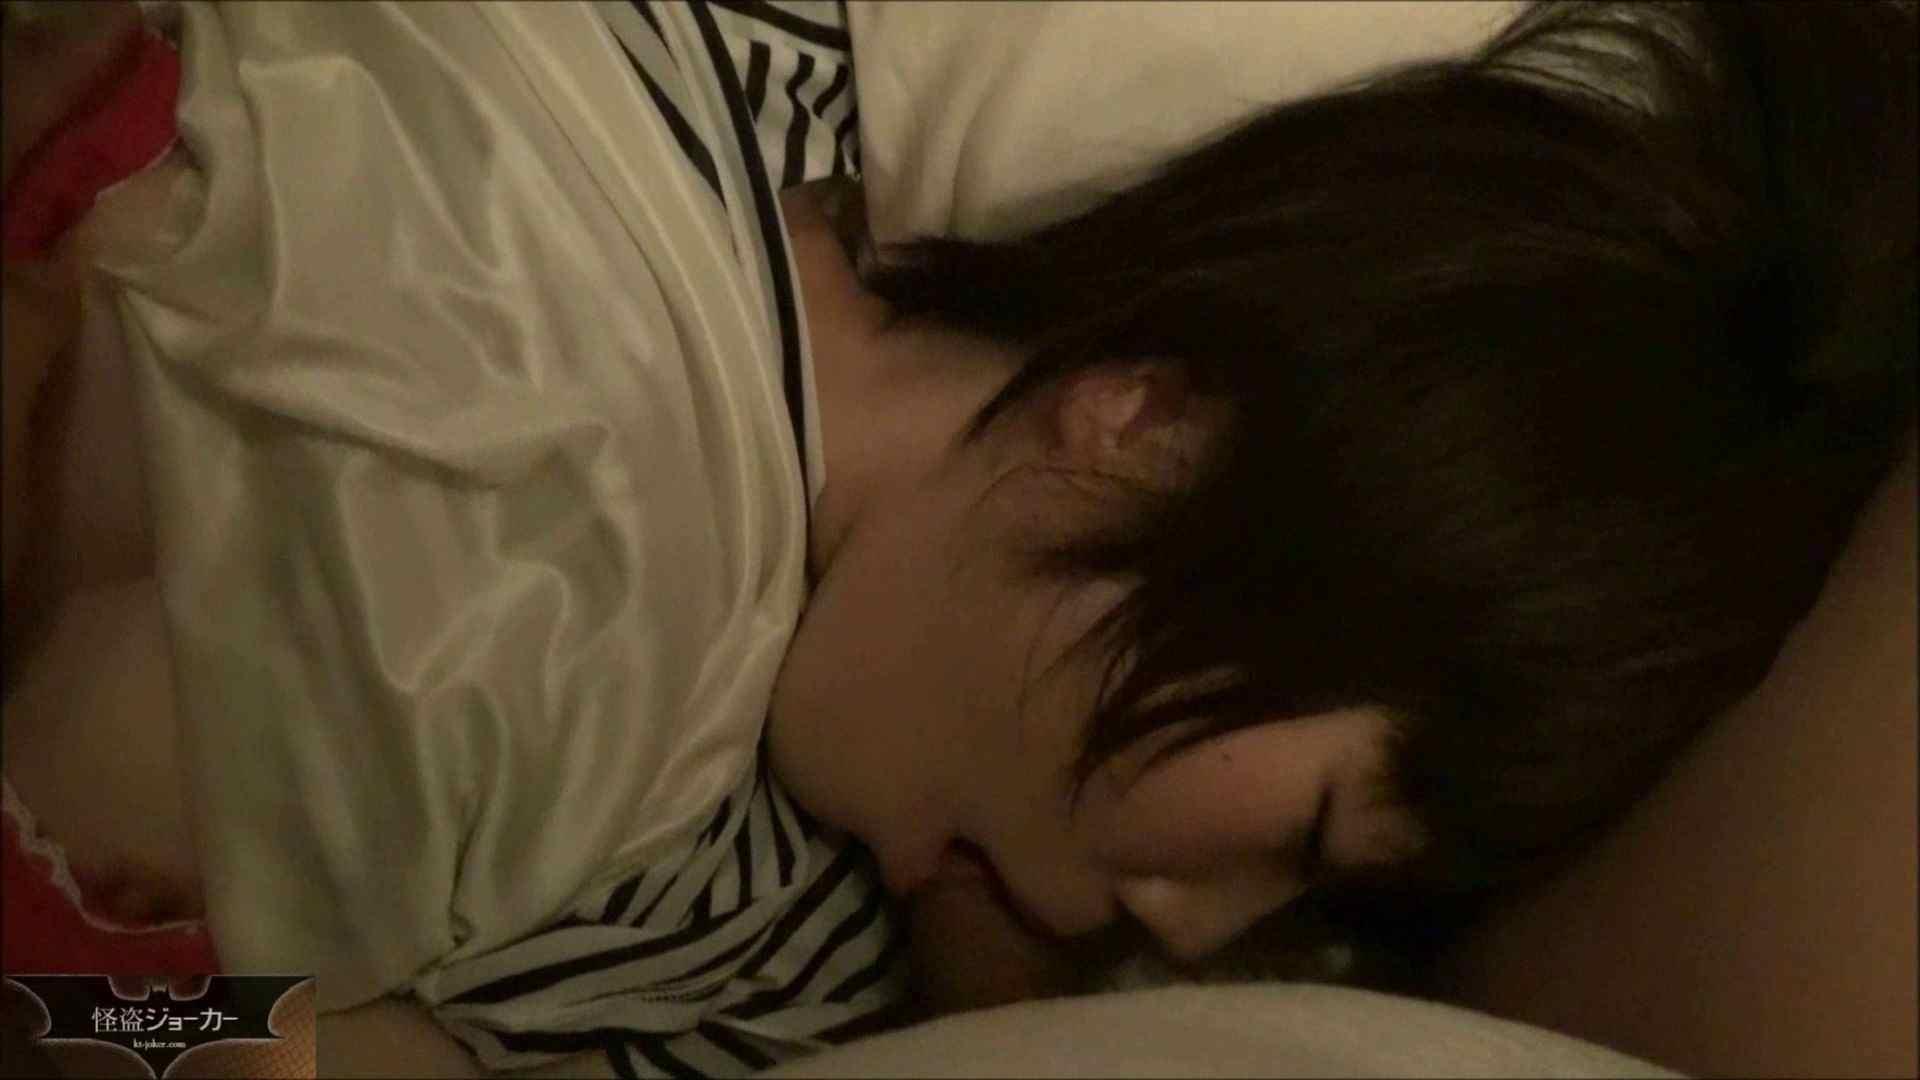 vol.80 【雪肌の20歳カフェ店員】emiriちゃん、最初で最後の失態。 フェラ・シーン SEX無修正画像 104枚 97